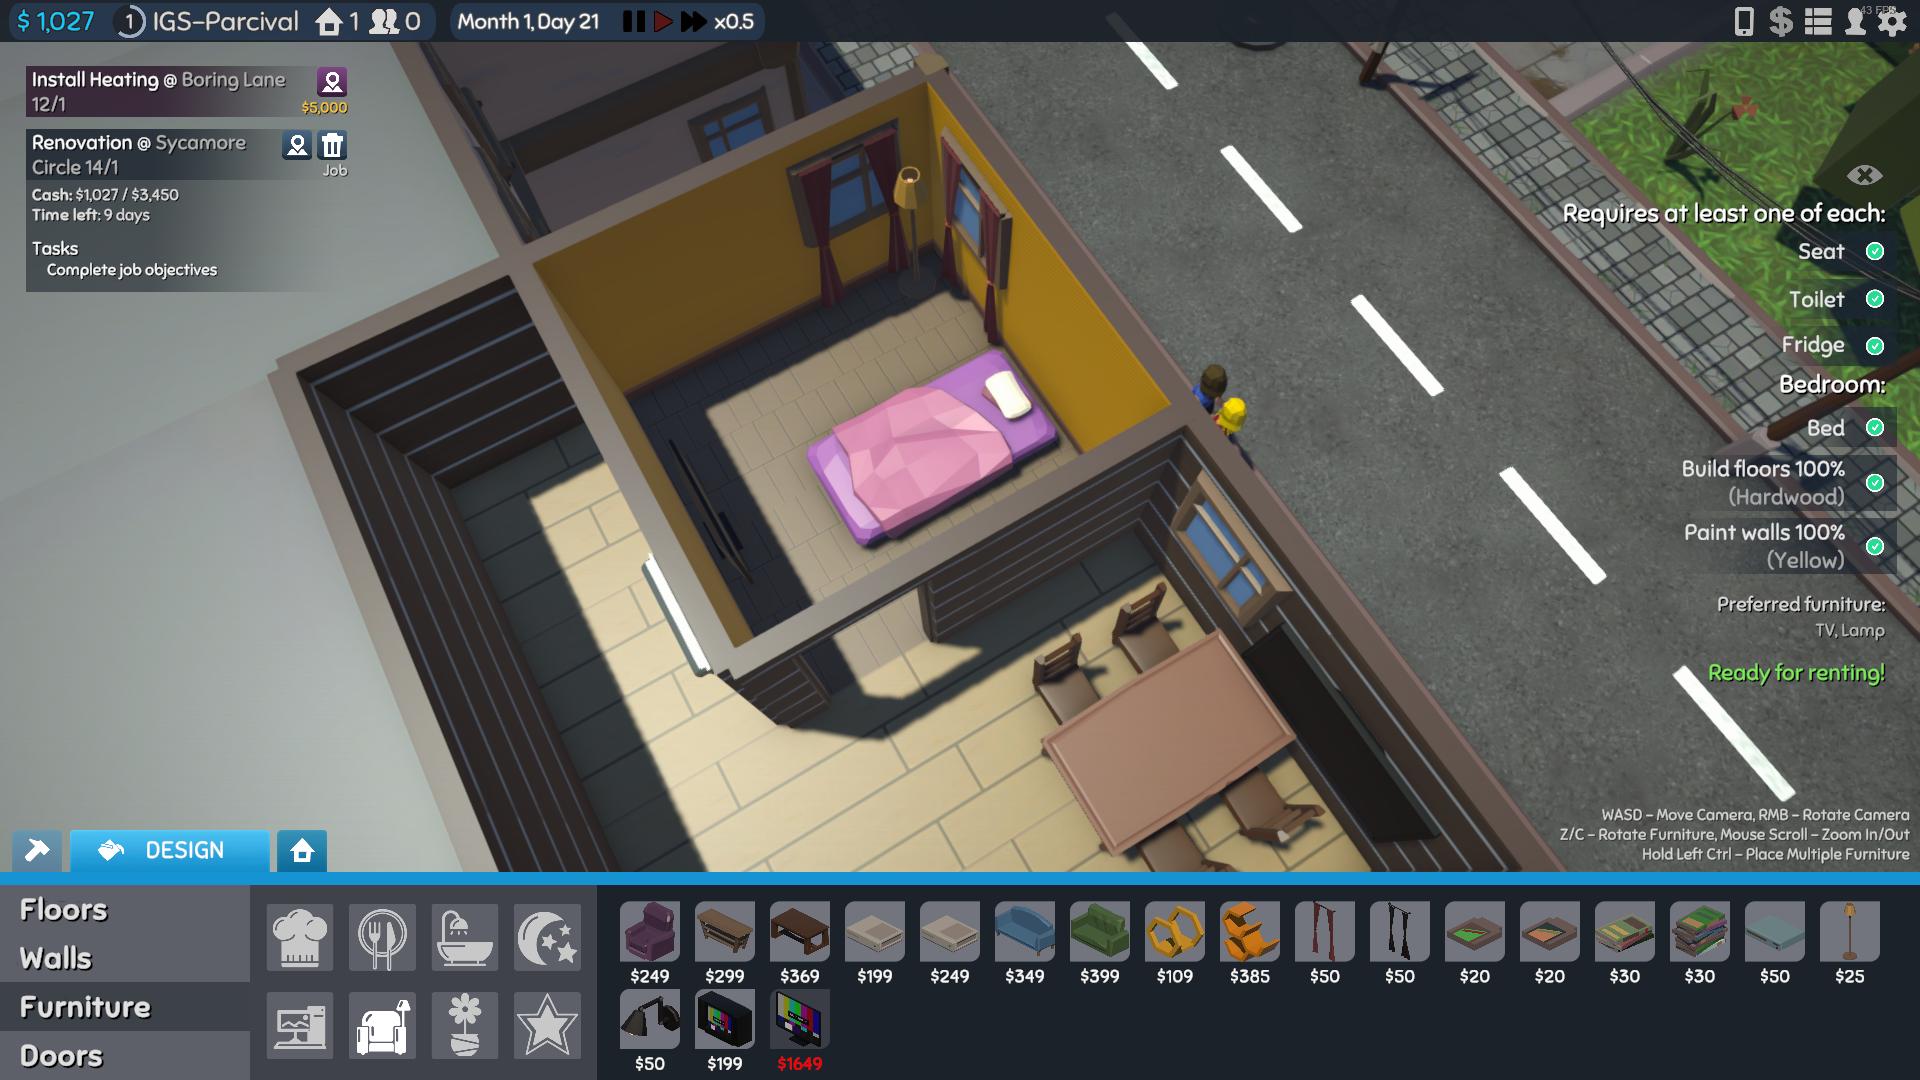 The Tenants Bedroom Design